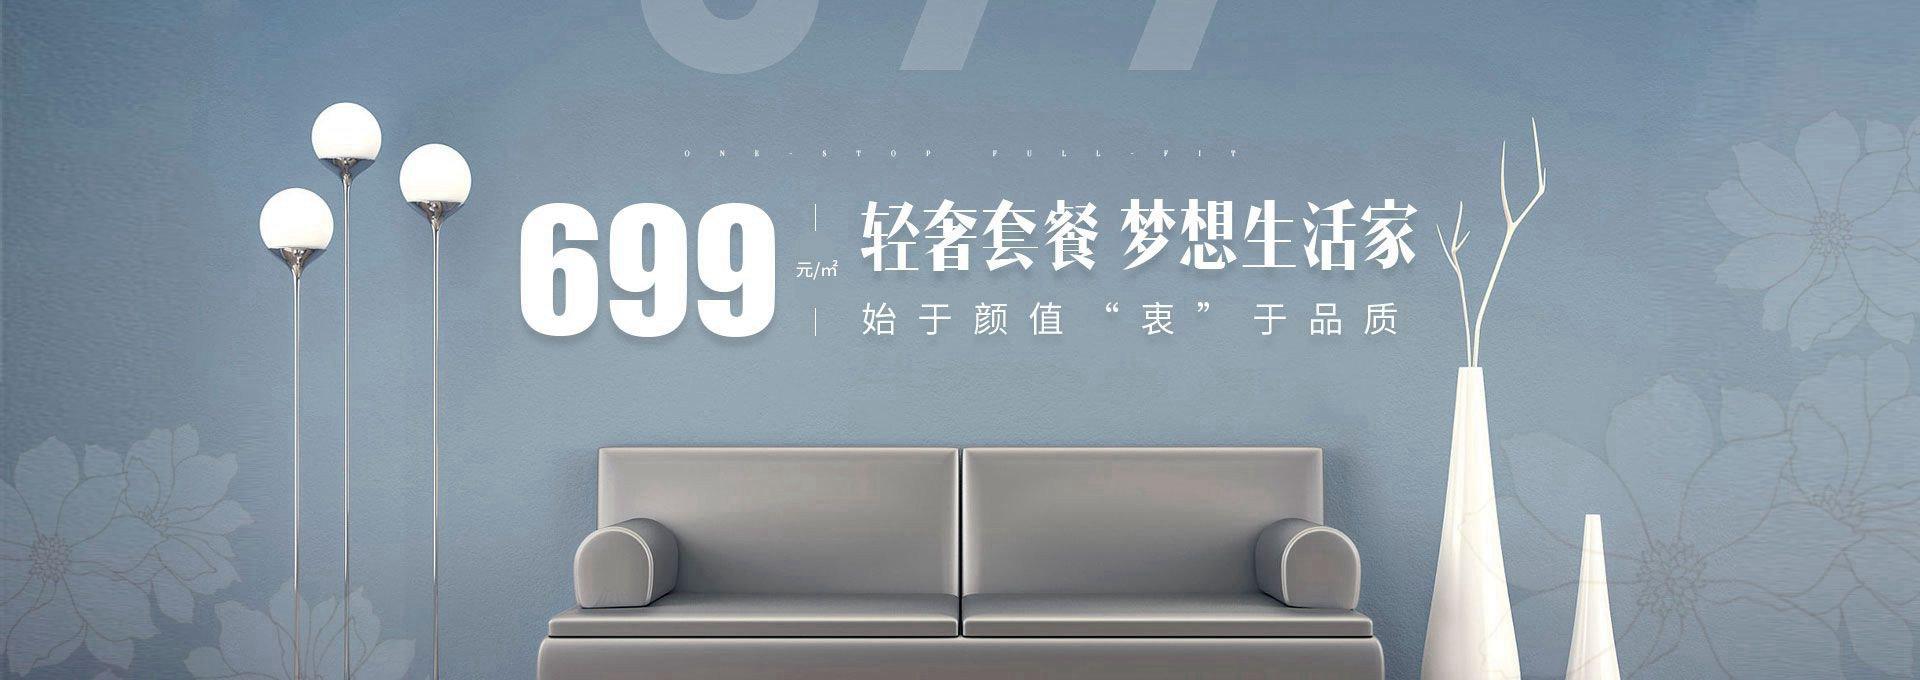 699套餐